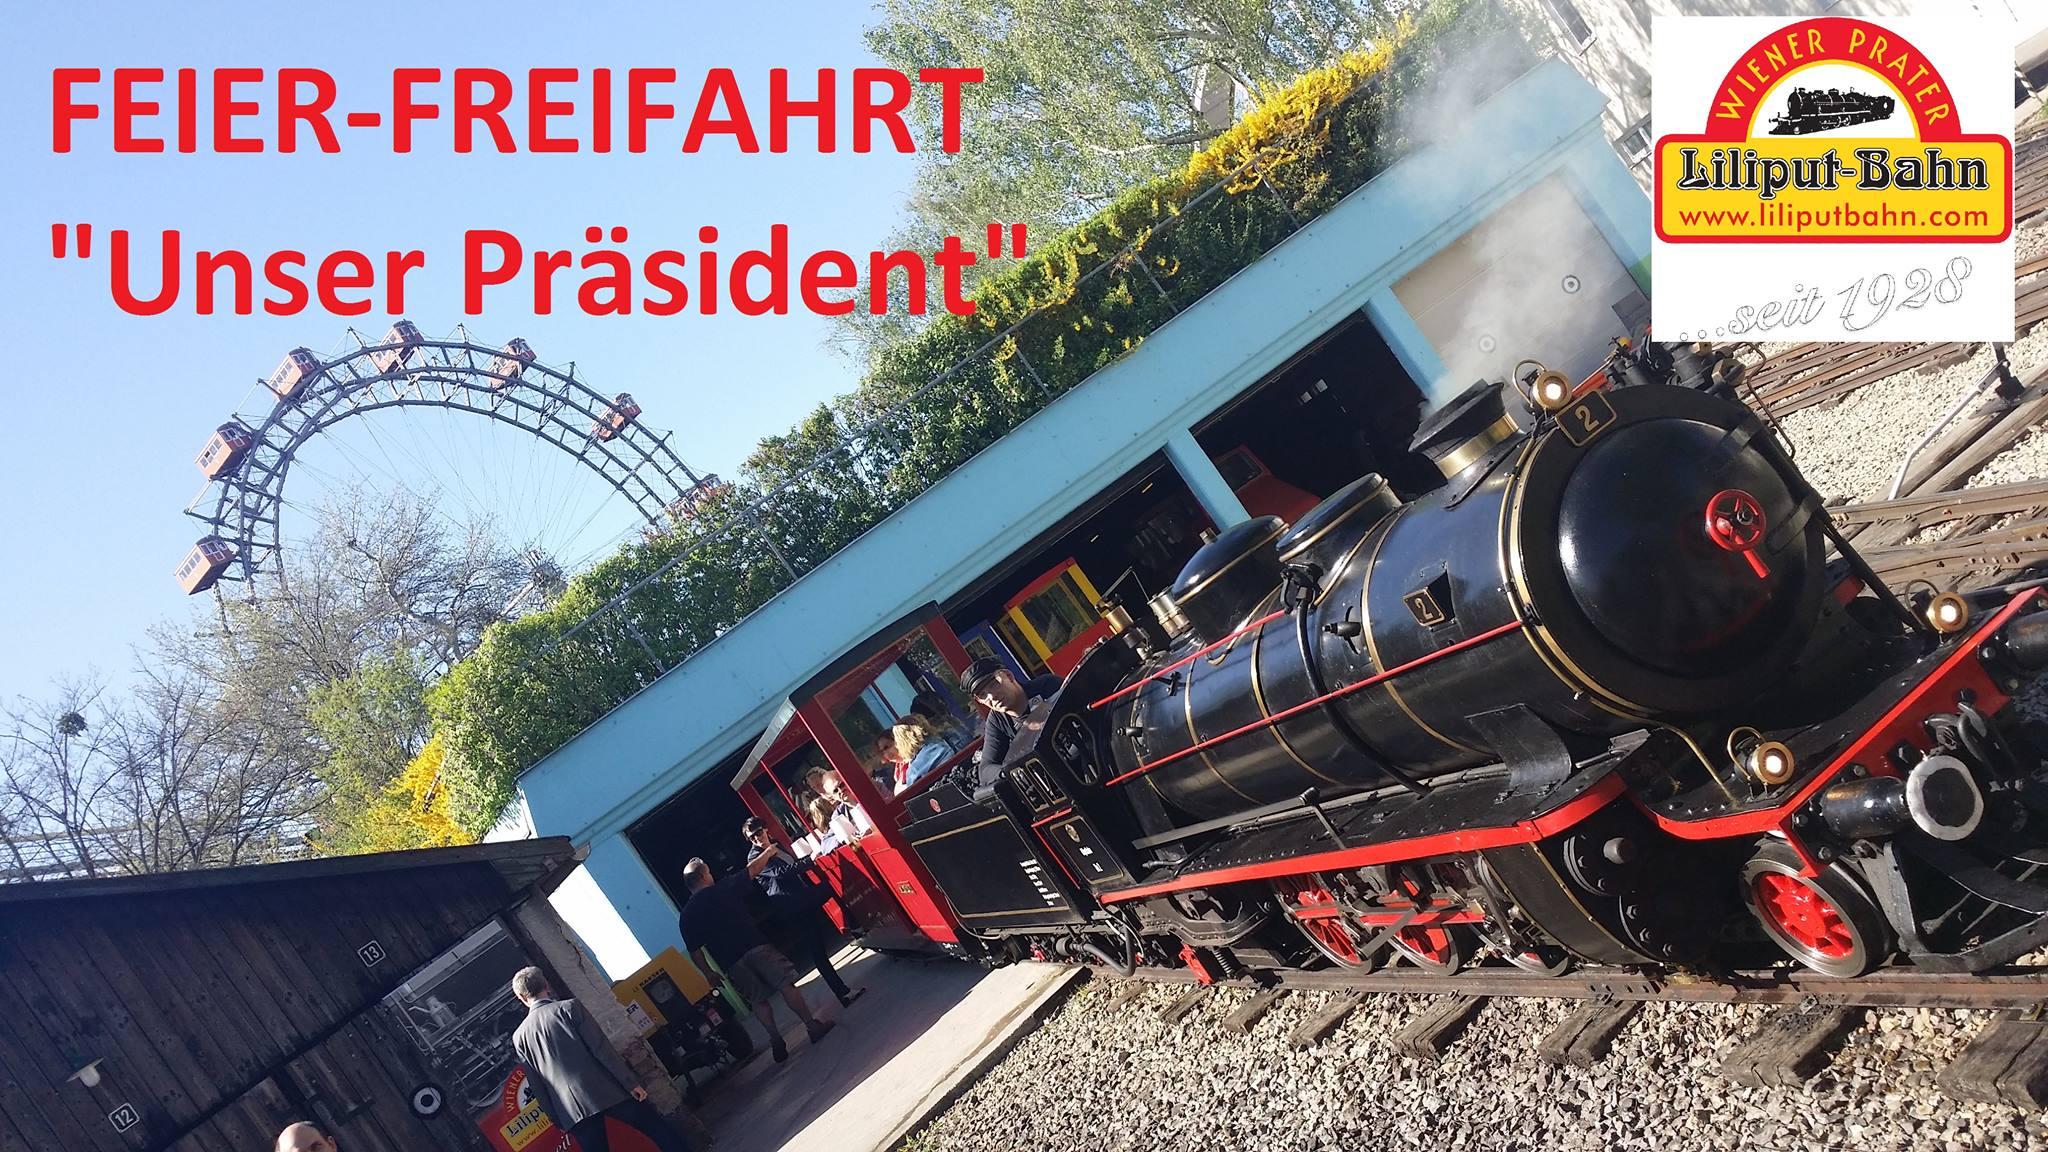 Wiener Prater: Freifahrten bei div. Attraktionen von 14-15 Uhr - nur heute